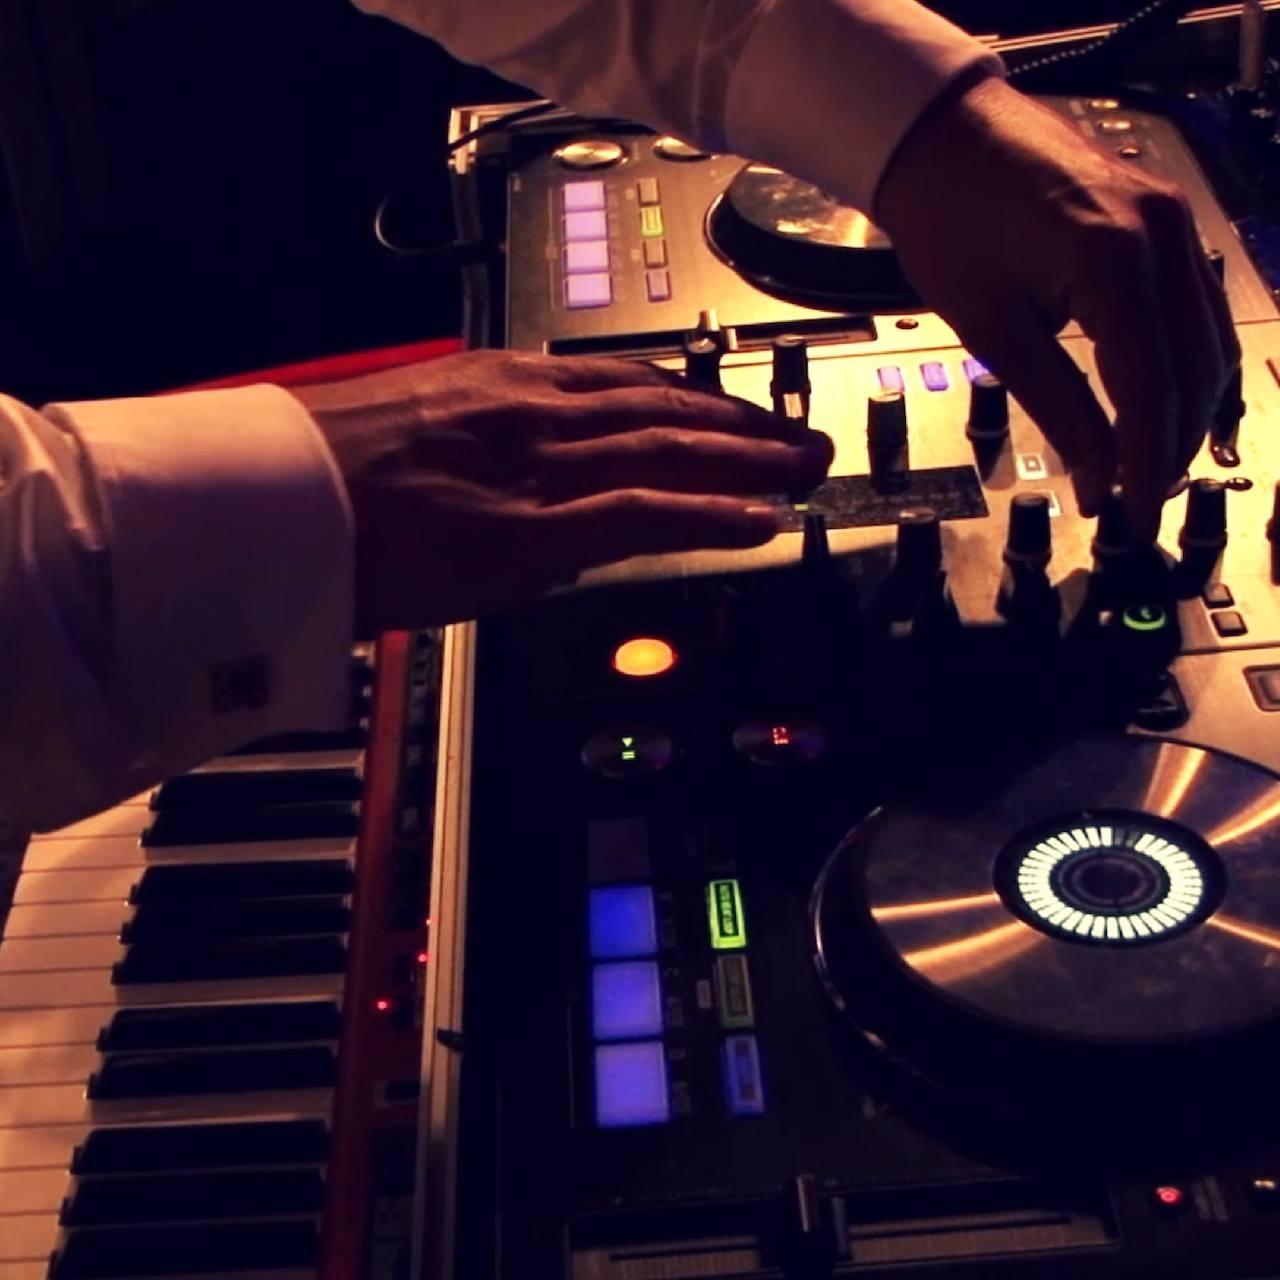 DJ-Booth gecombineerd met piano